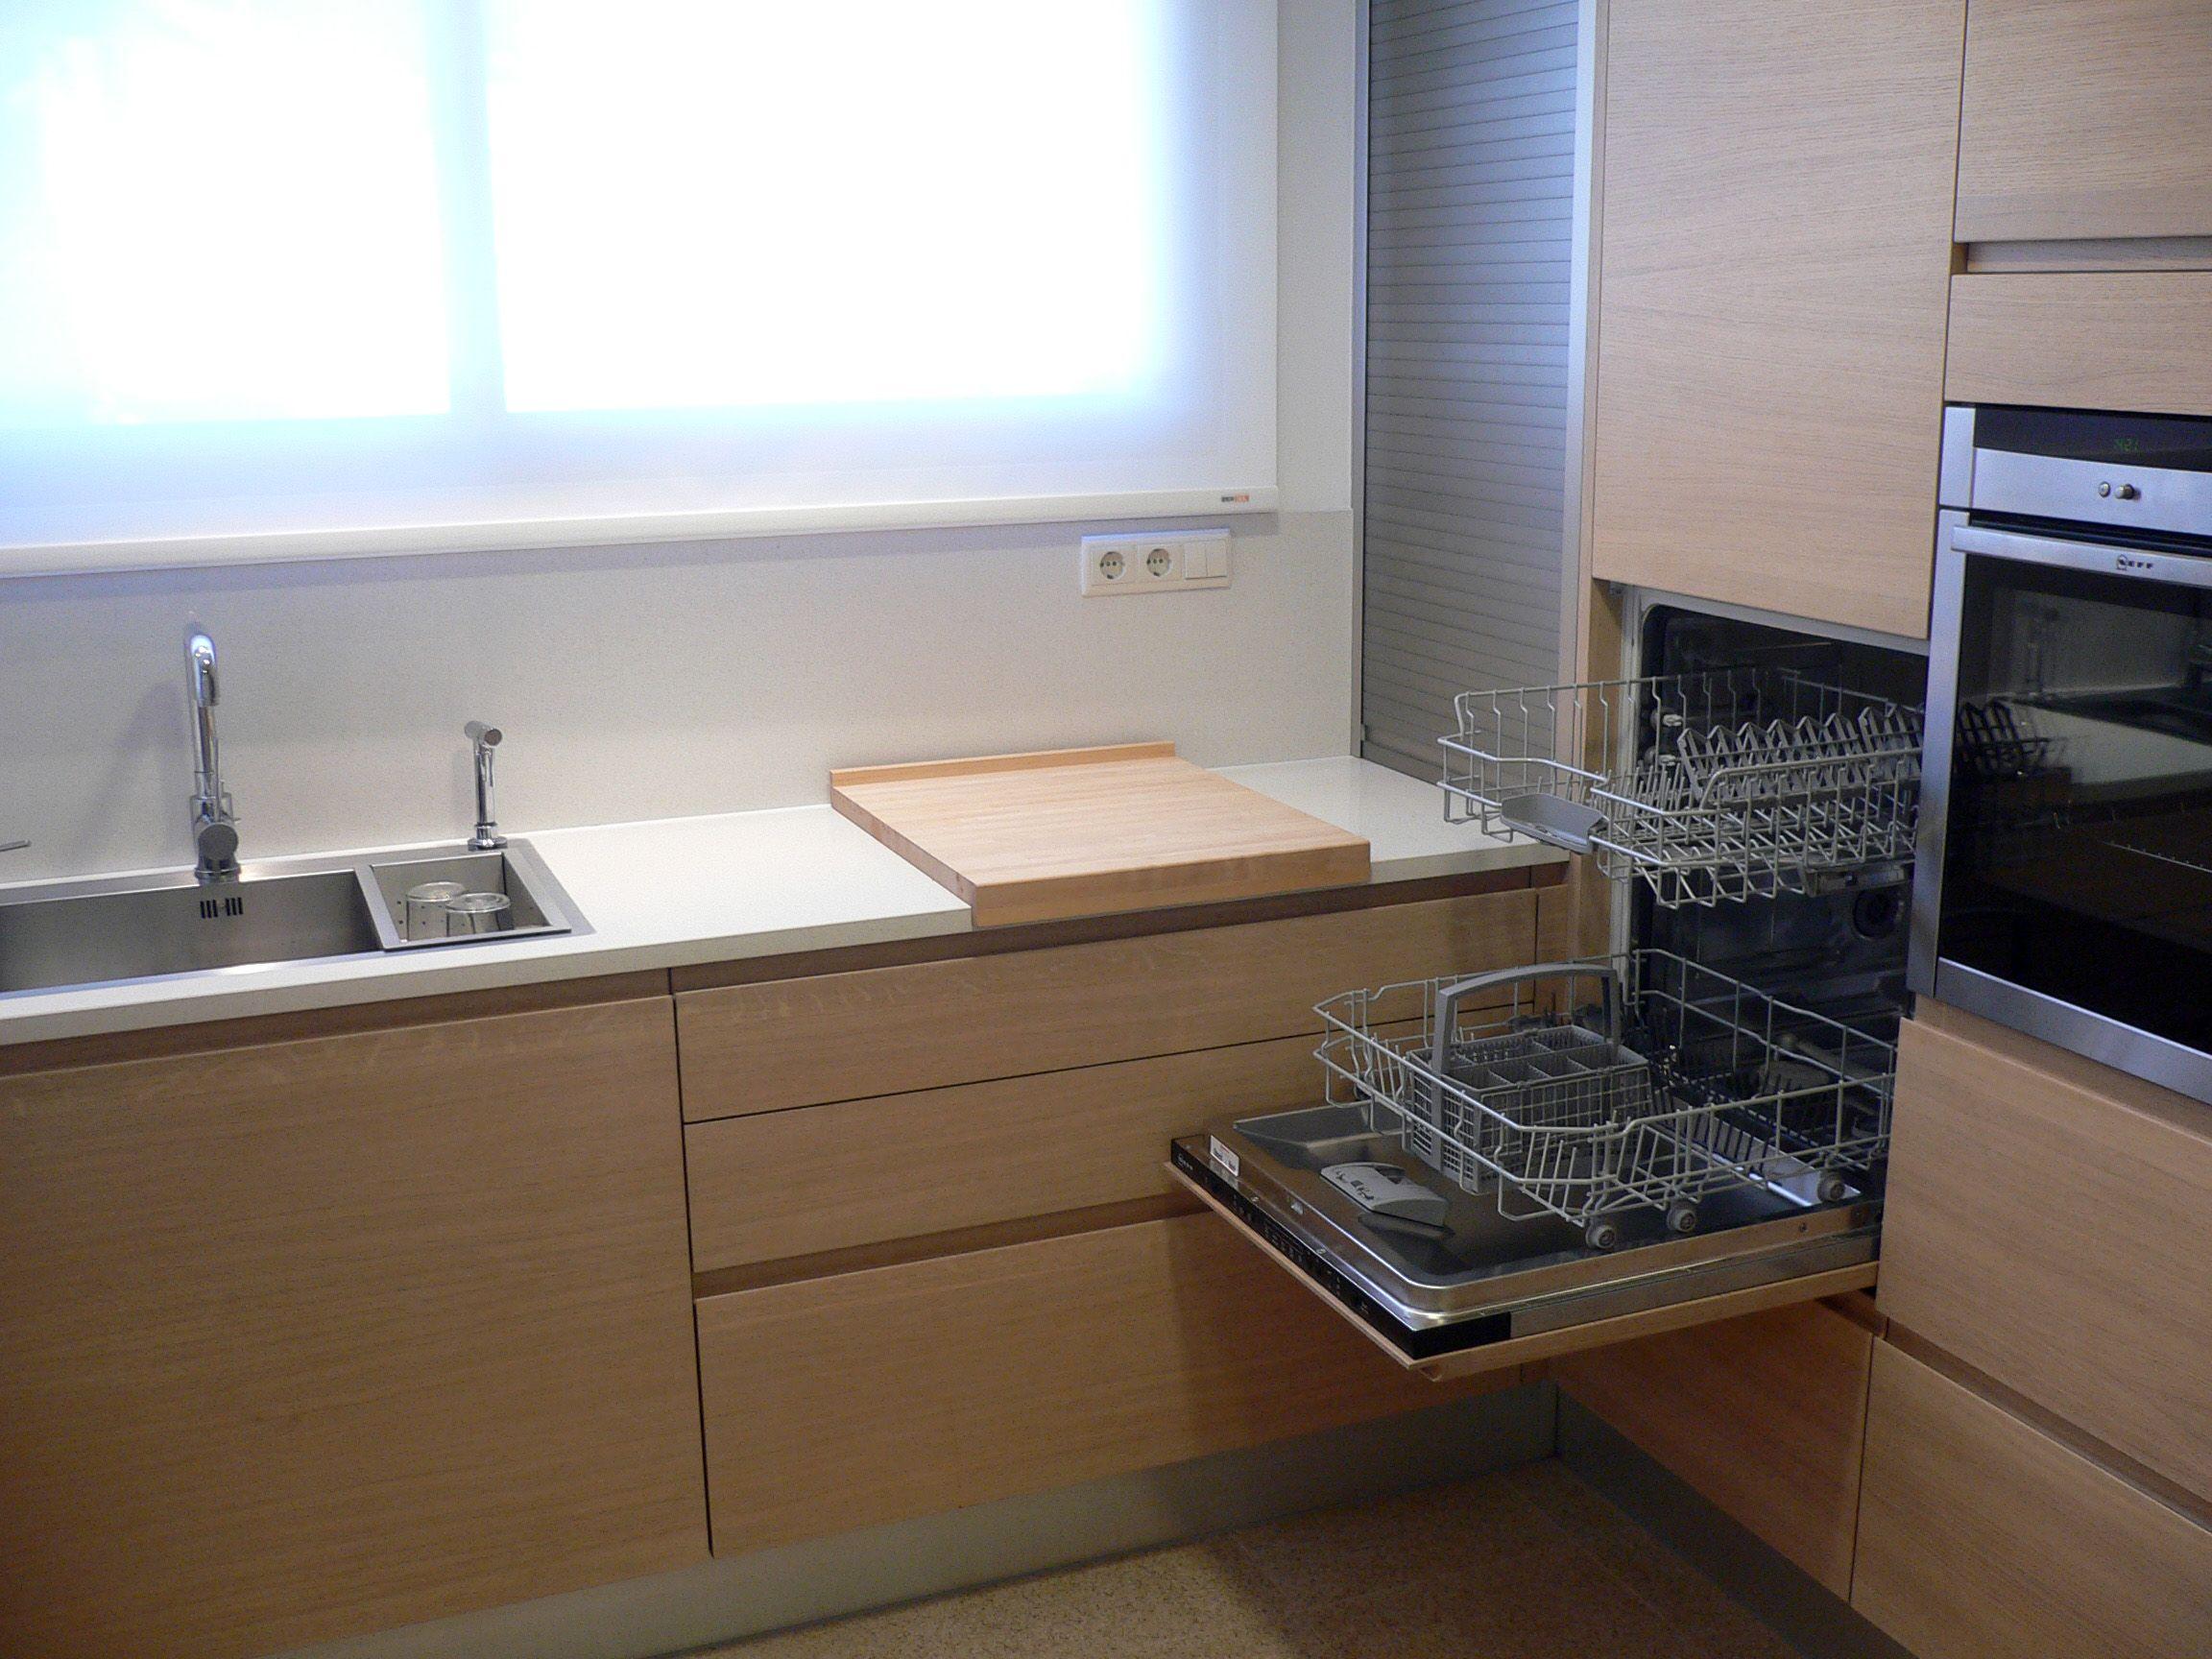 Estudio Nicolao Una Cocina Una Idea Patio Interior Kitchen Design Small Kitchen Countertops